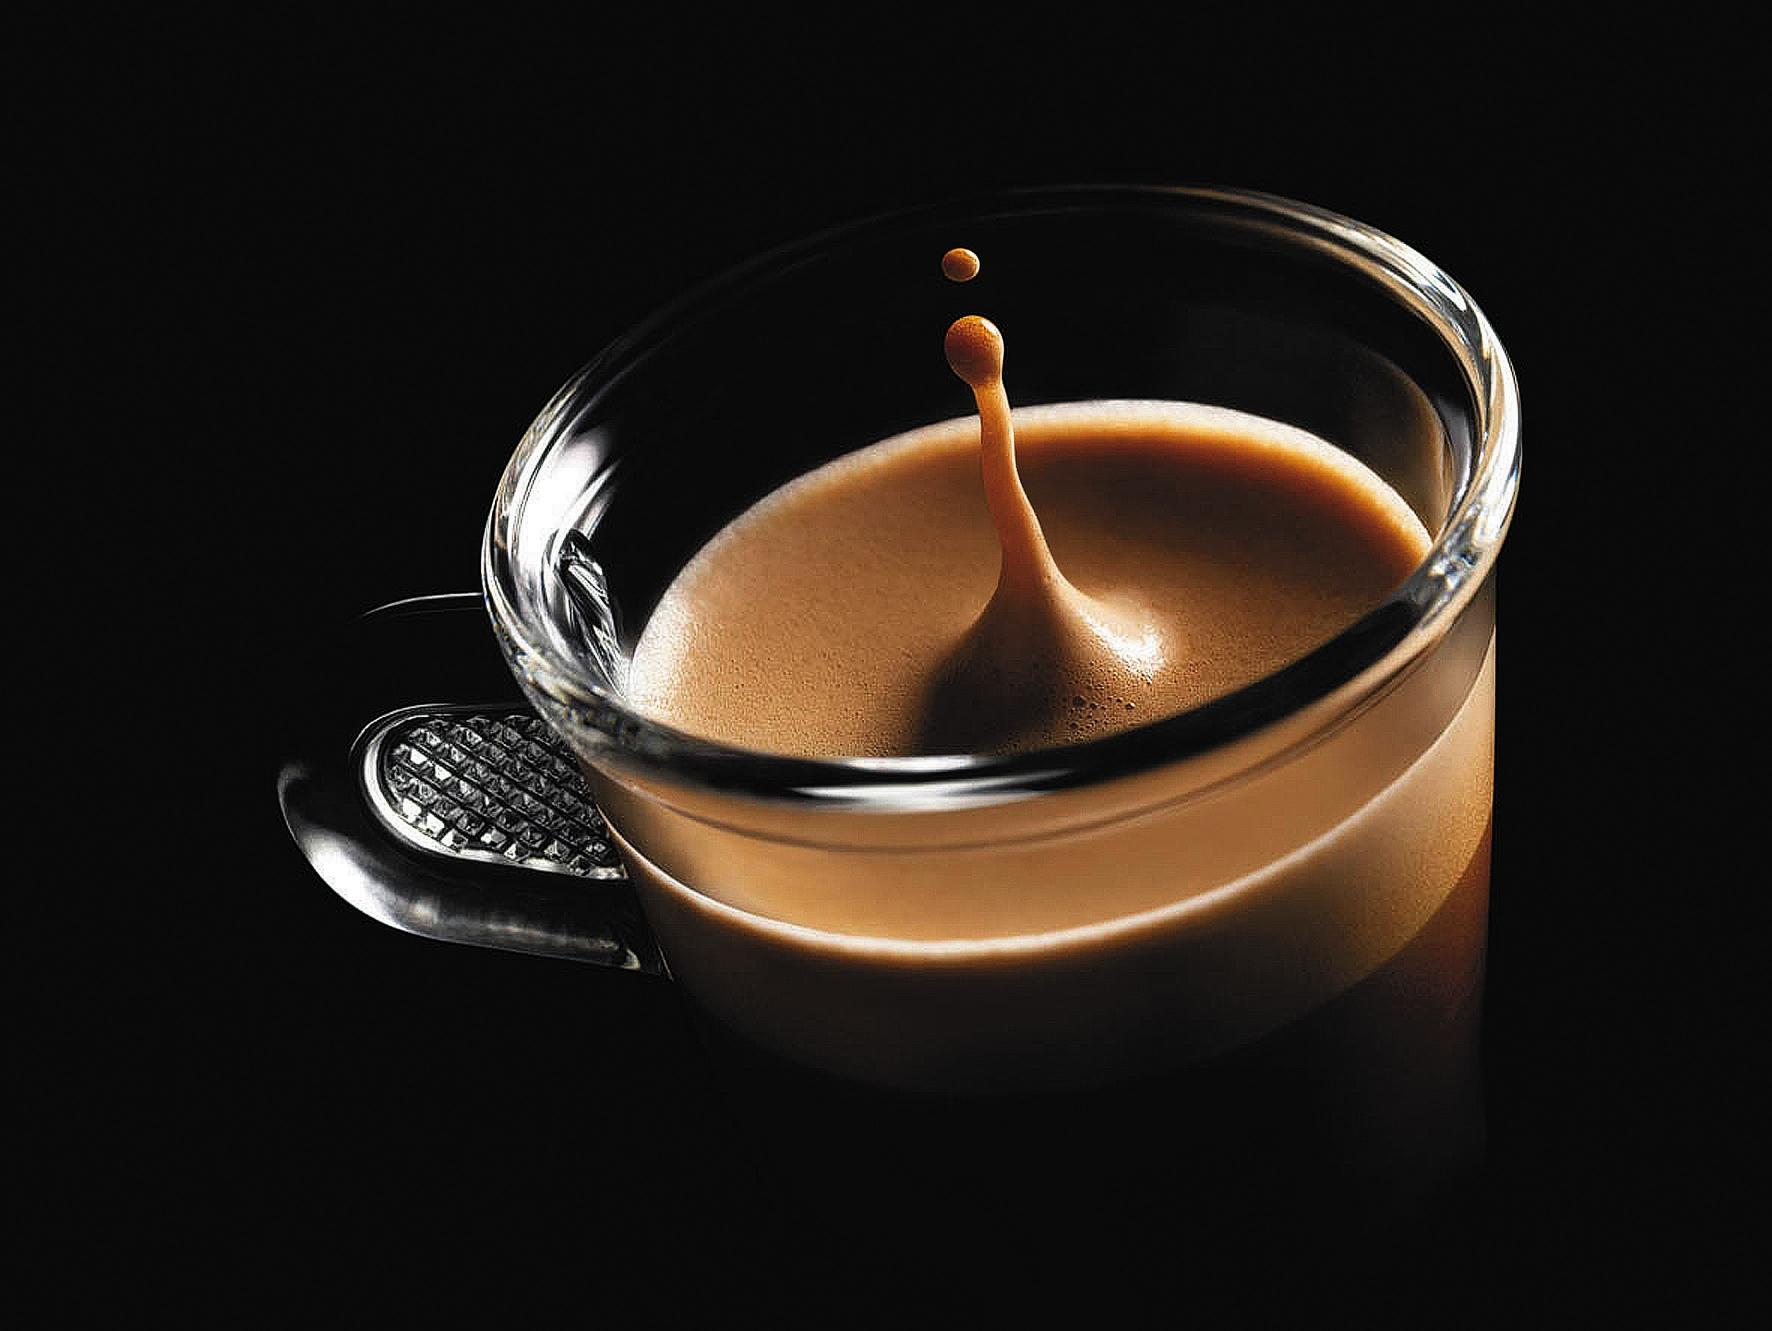 Coffee Drop - Coffee Drinker